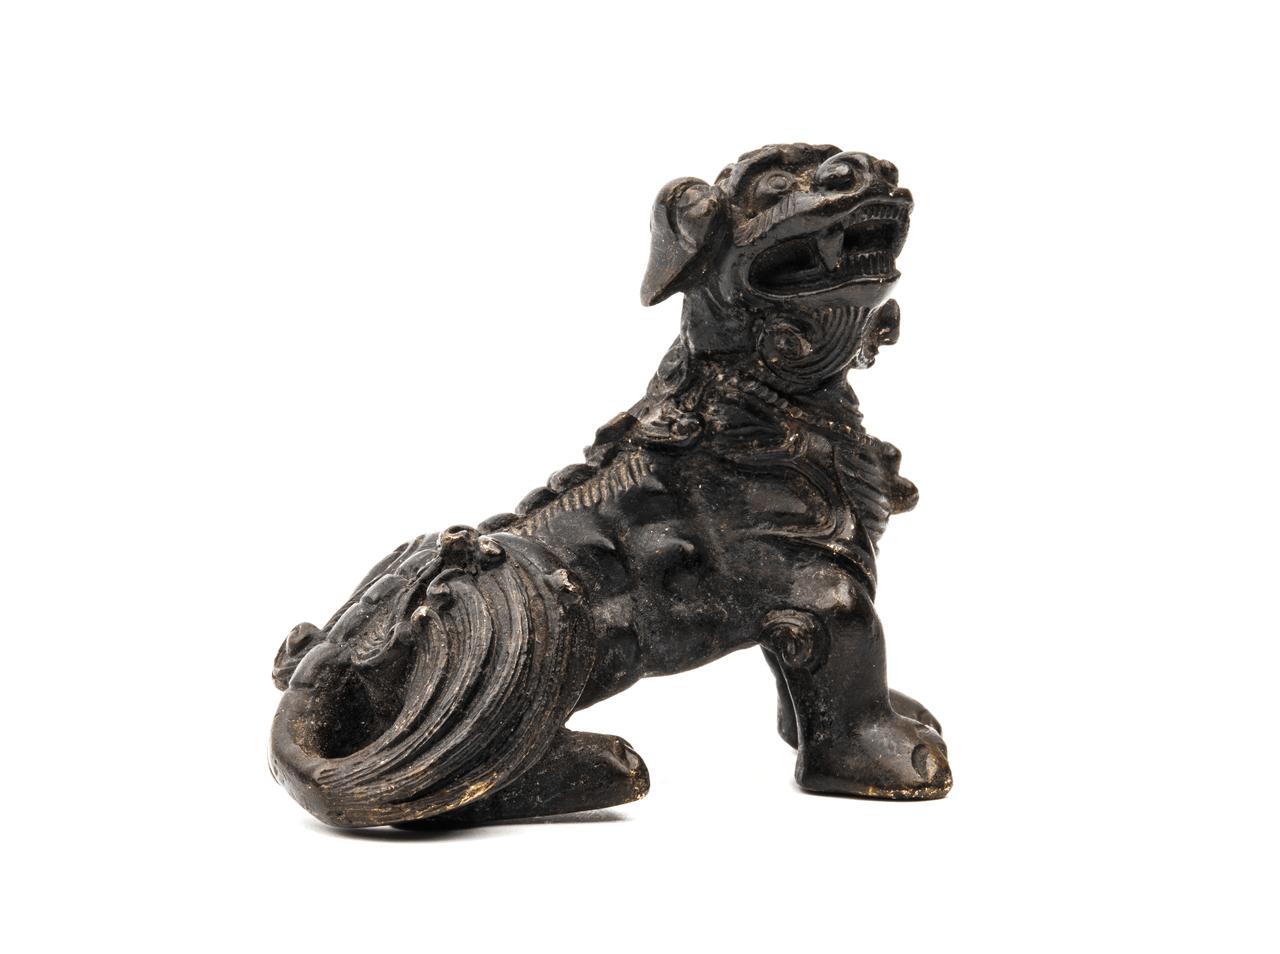 Chinese bronze dog paperweight